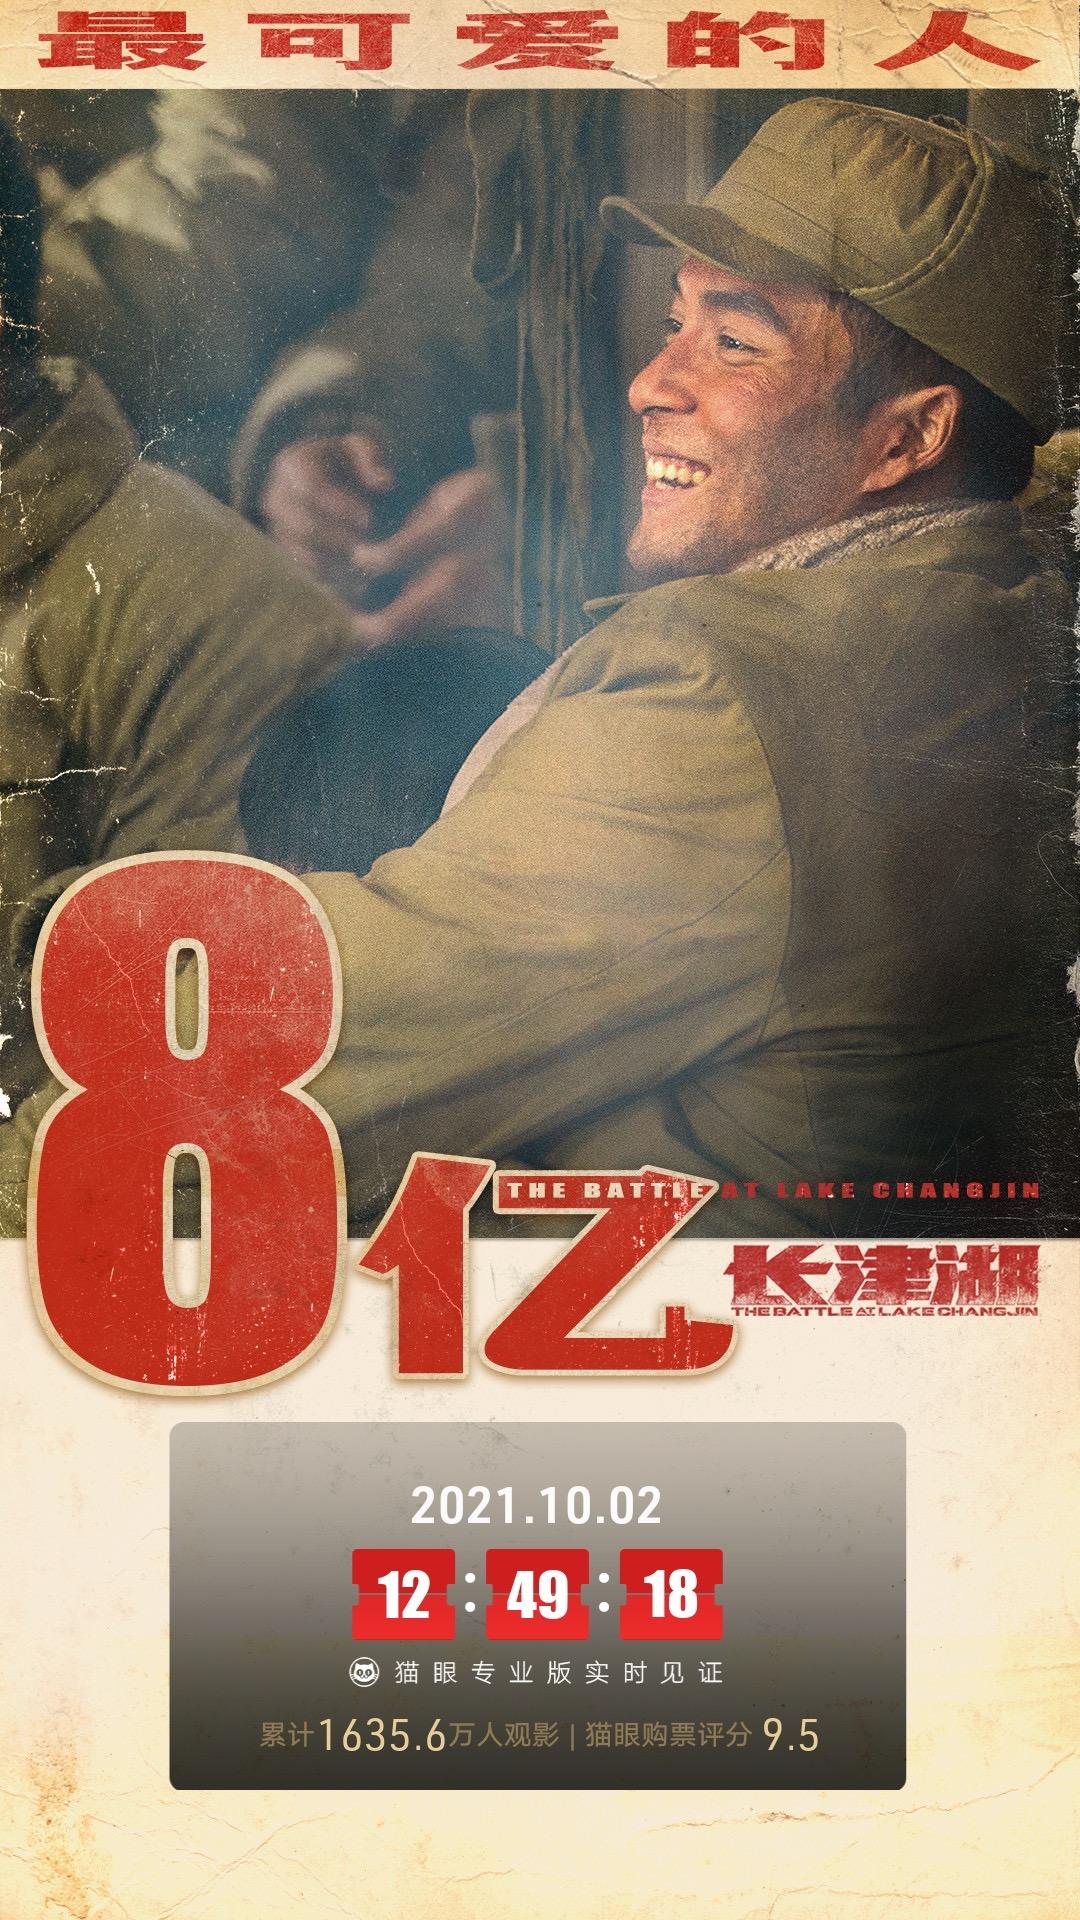 长津湖票房破8亿,老兵回忆战争细节,战士们冻伤截肢都不哭